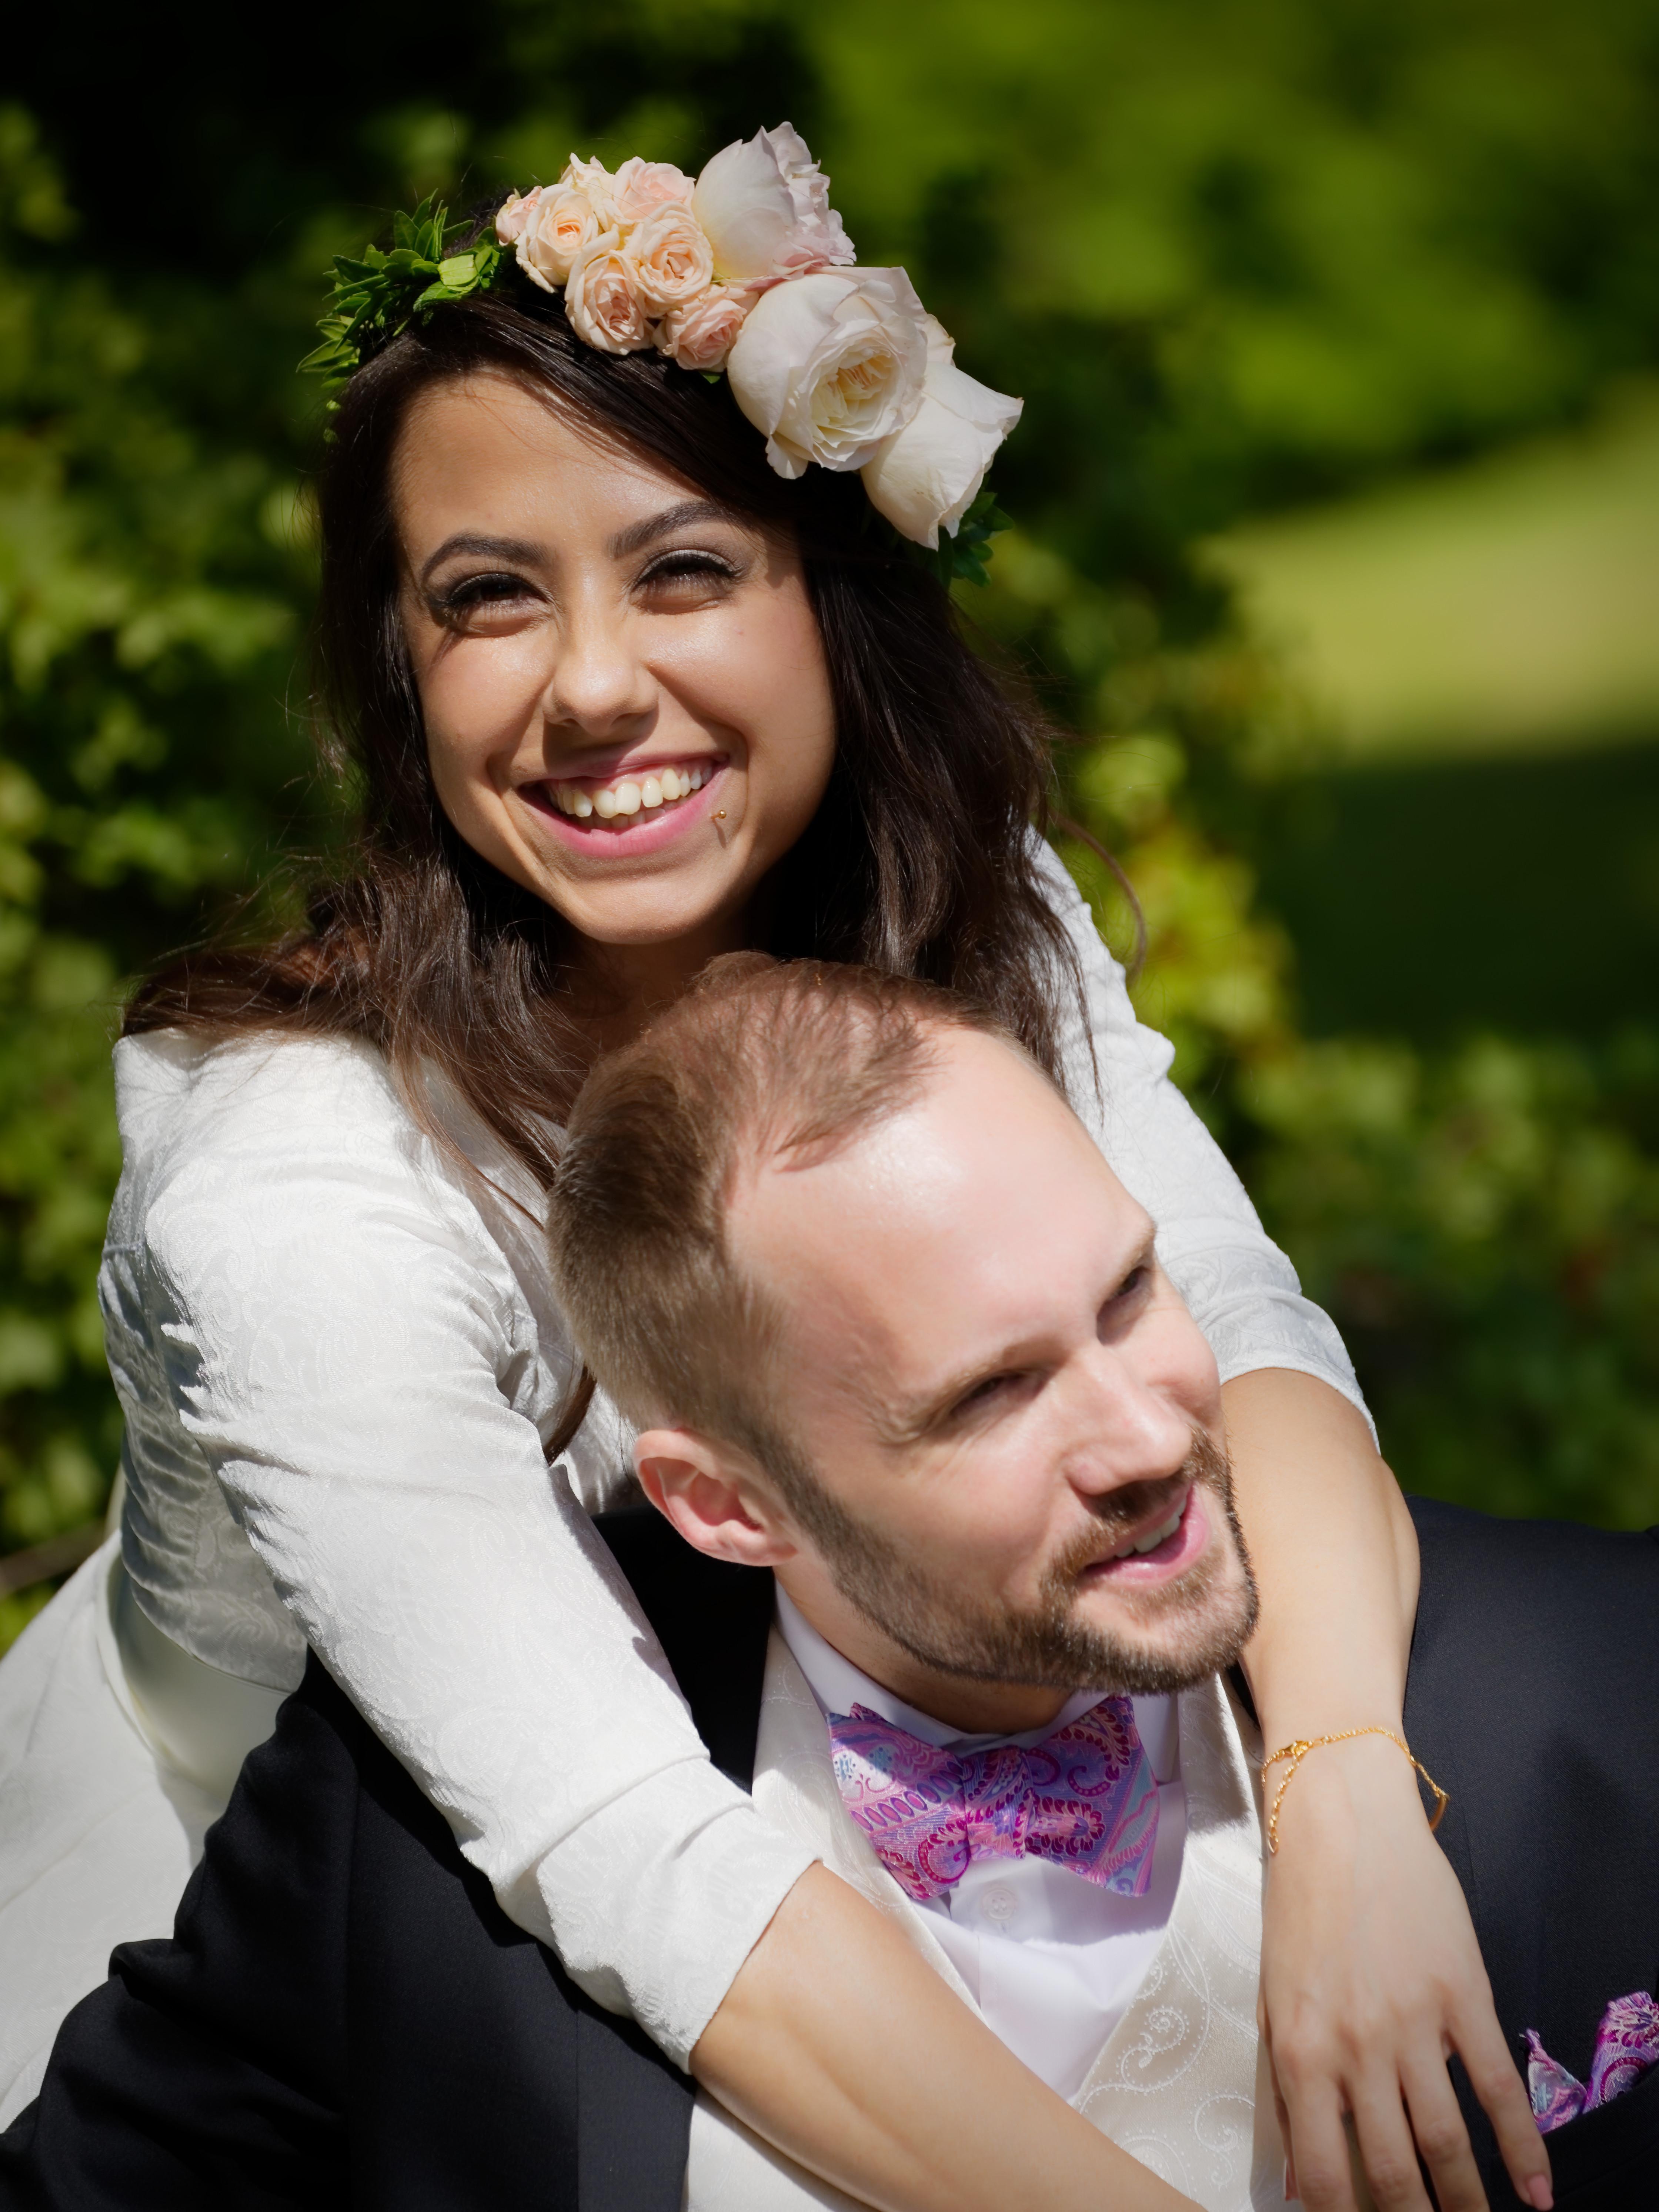 Bröllopsporträtt 11 - Mahdis & Tommy